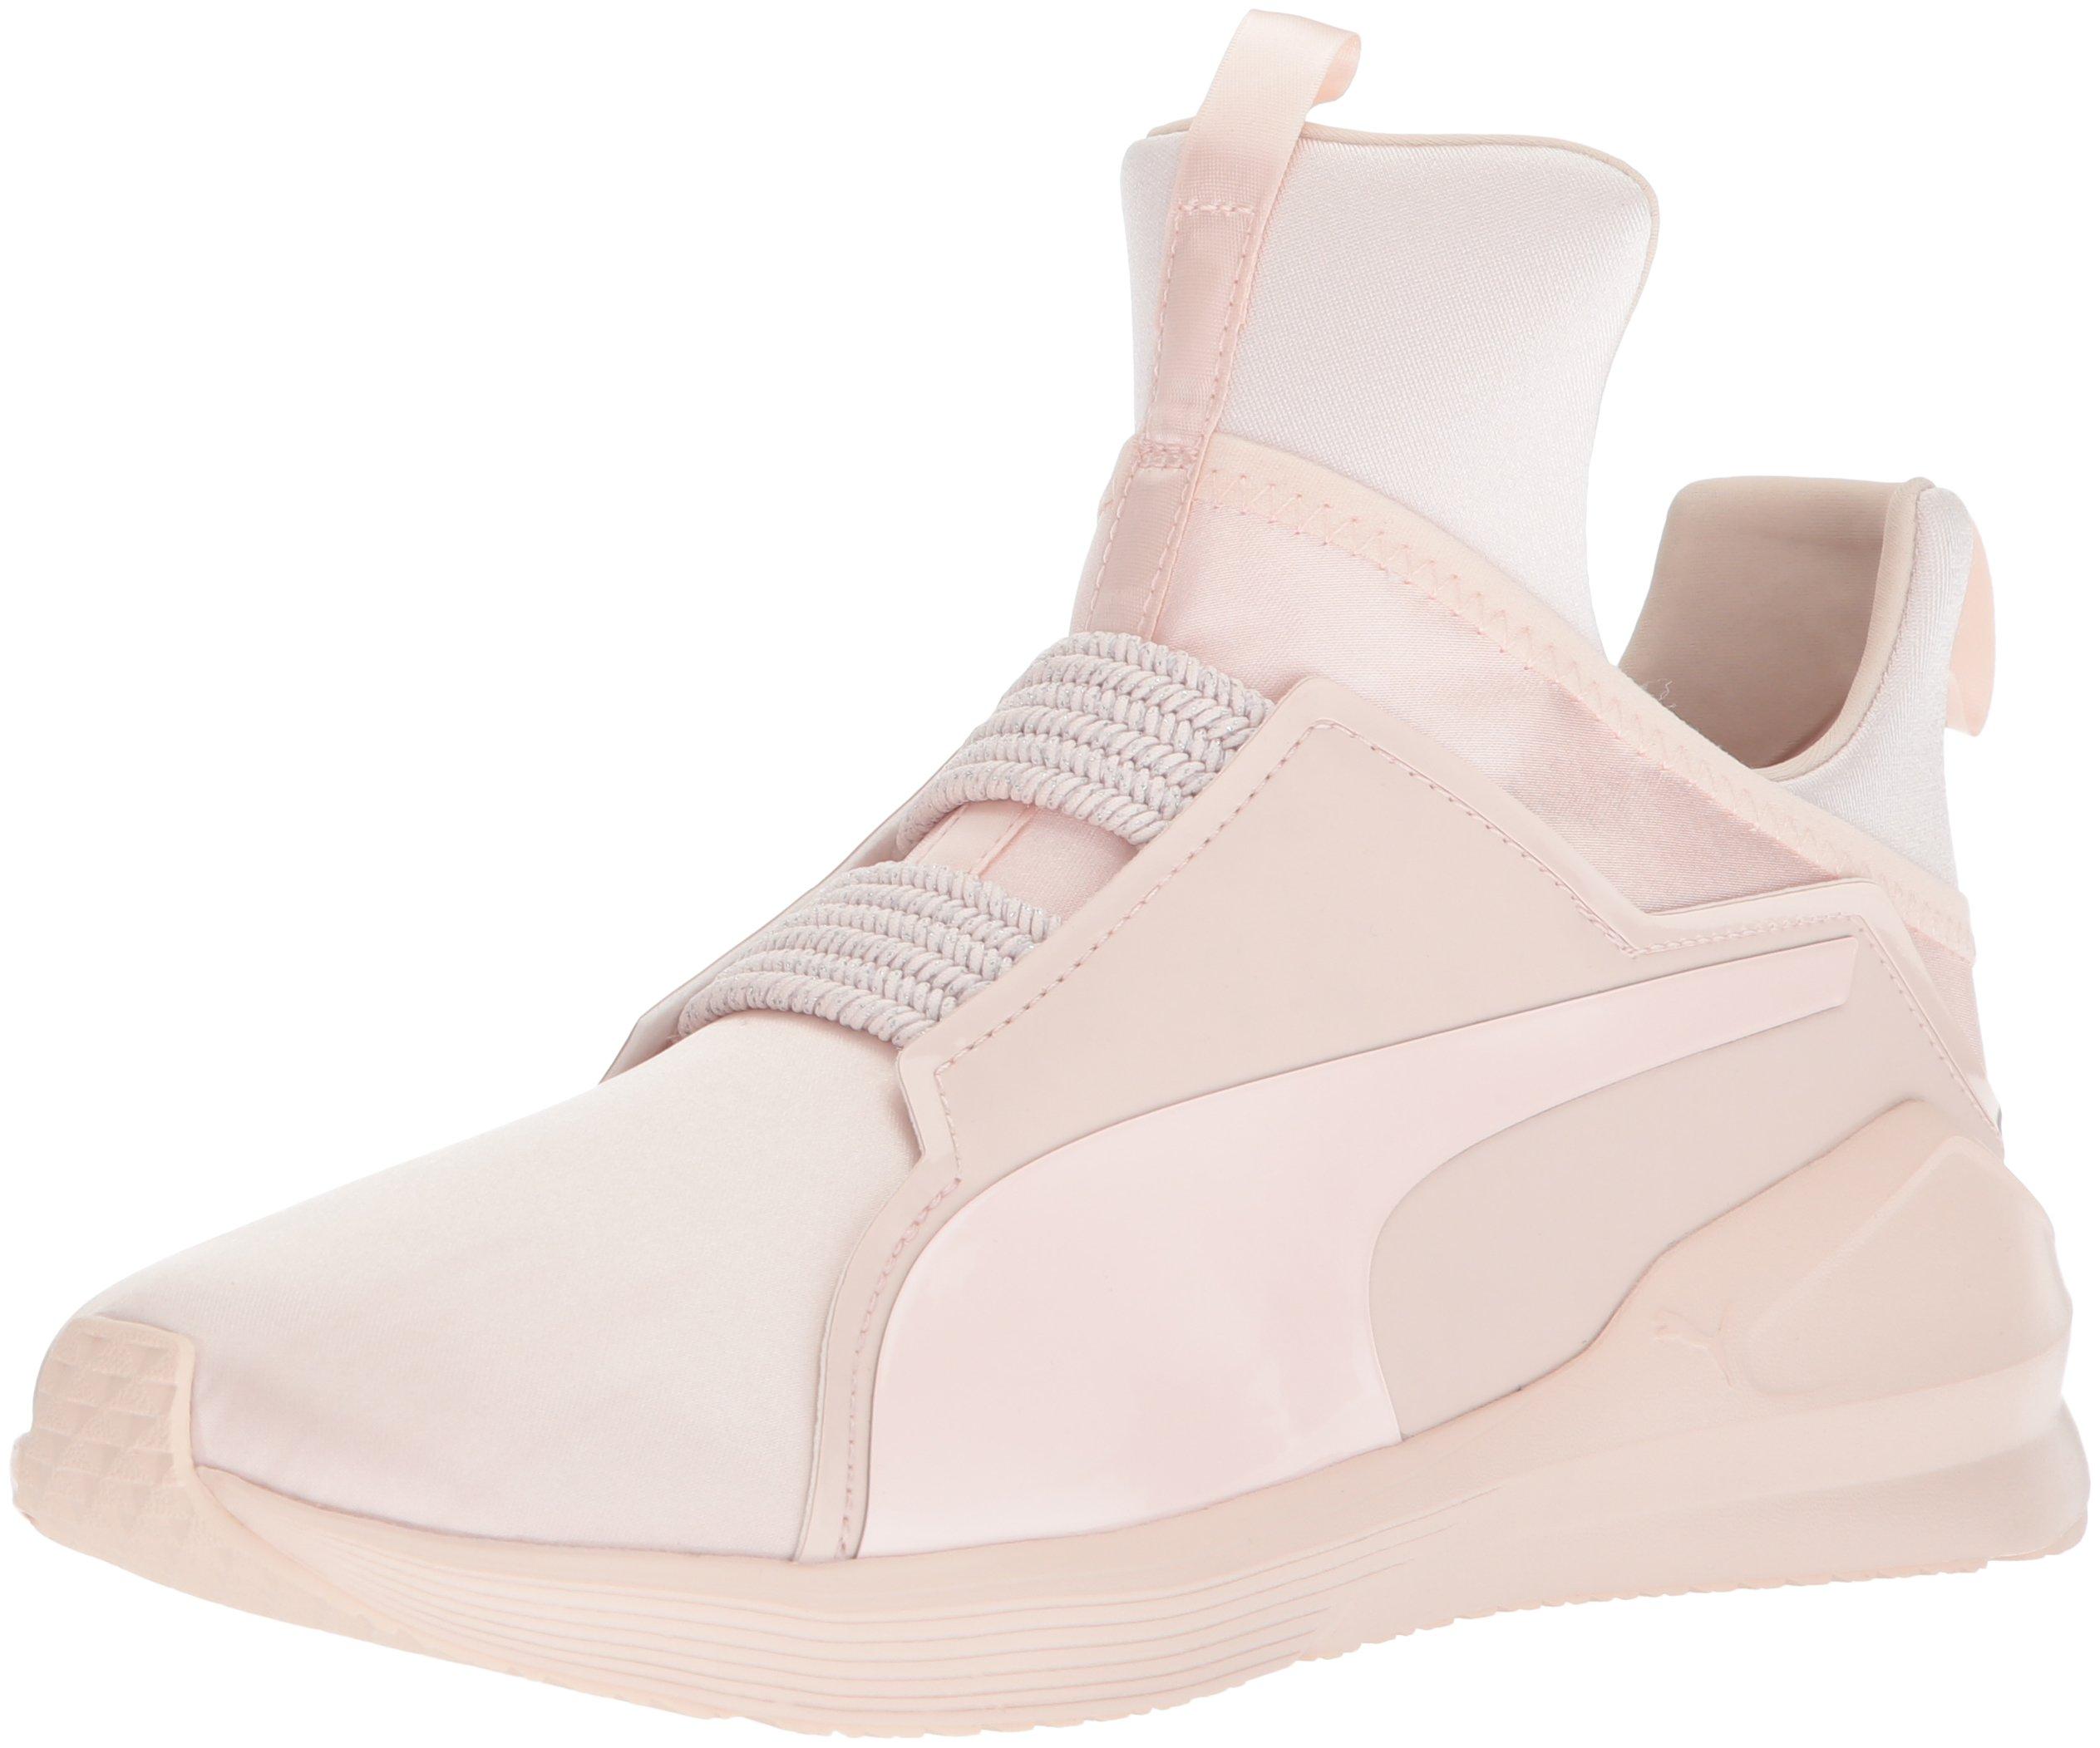 PUMA Women's Fierce Satin En Pointe Wn Sneaker, Pearl, 9 M US